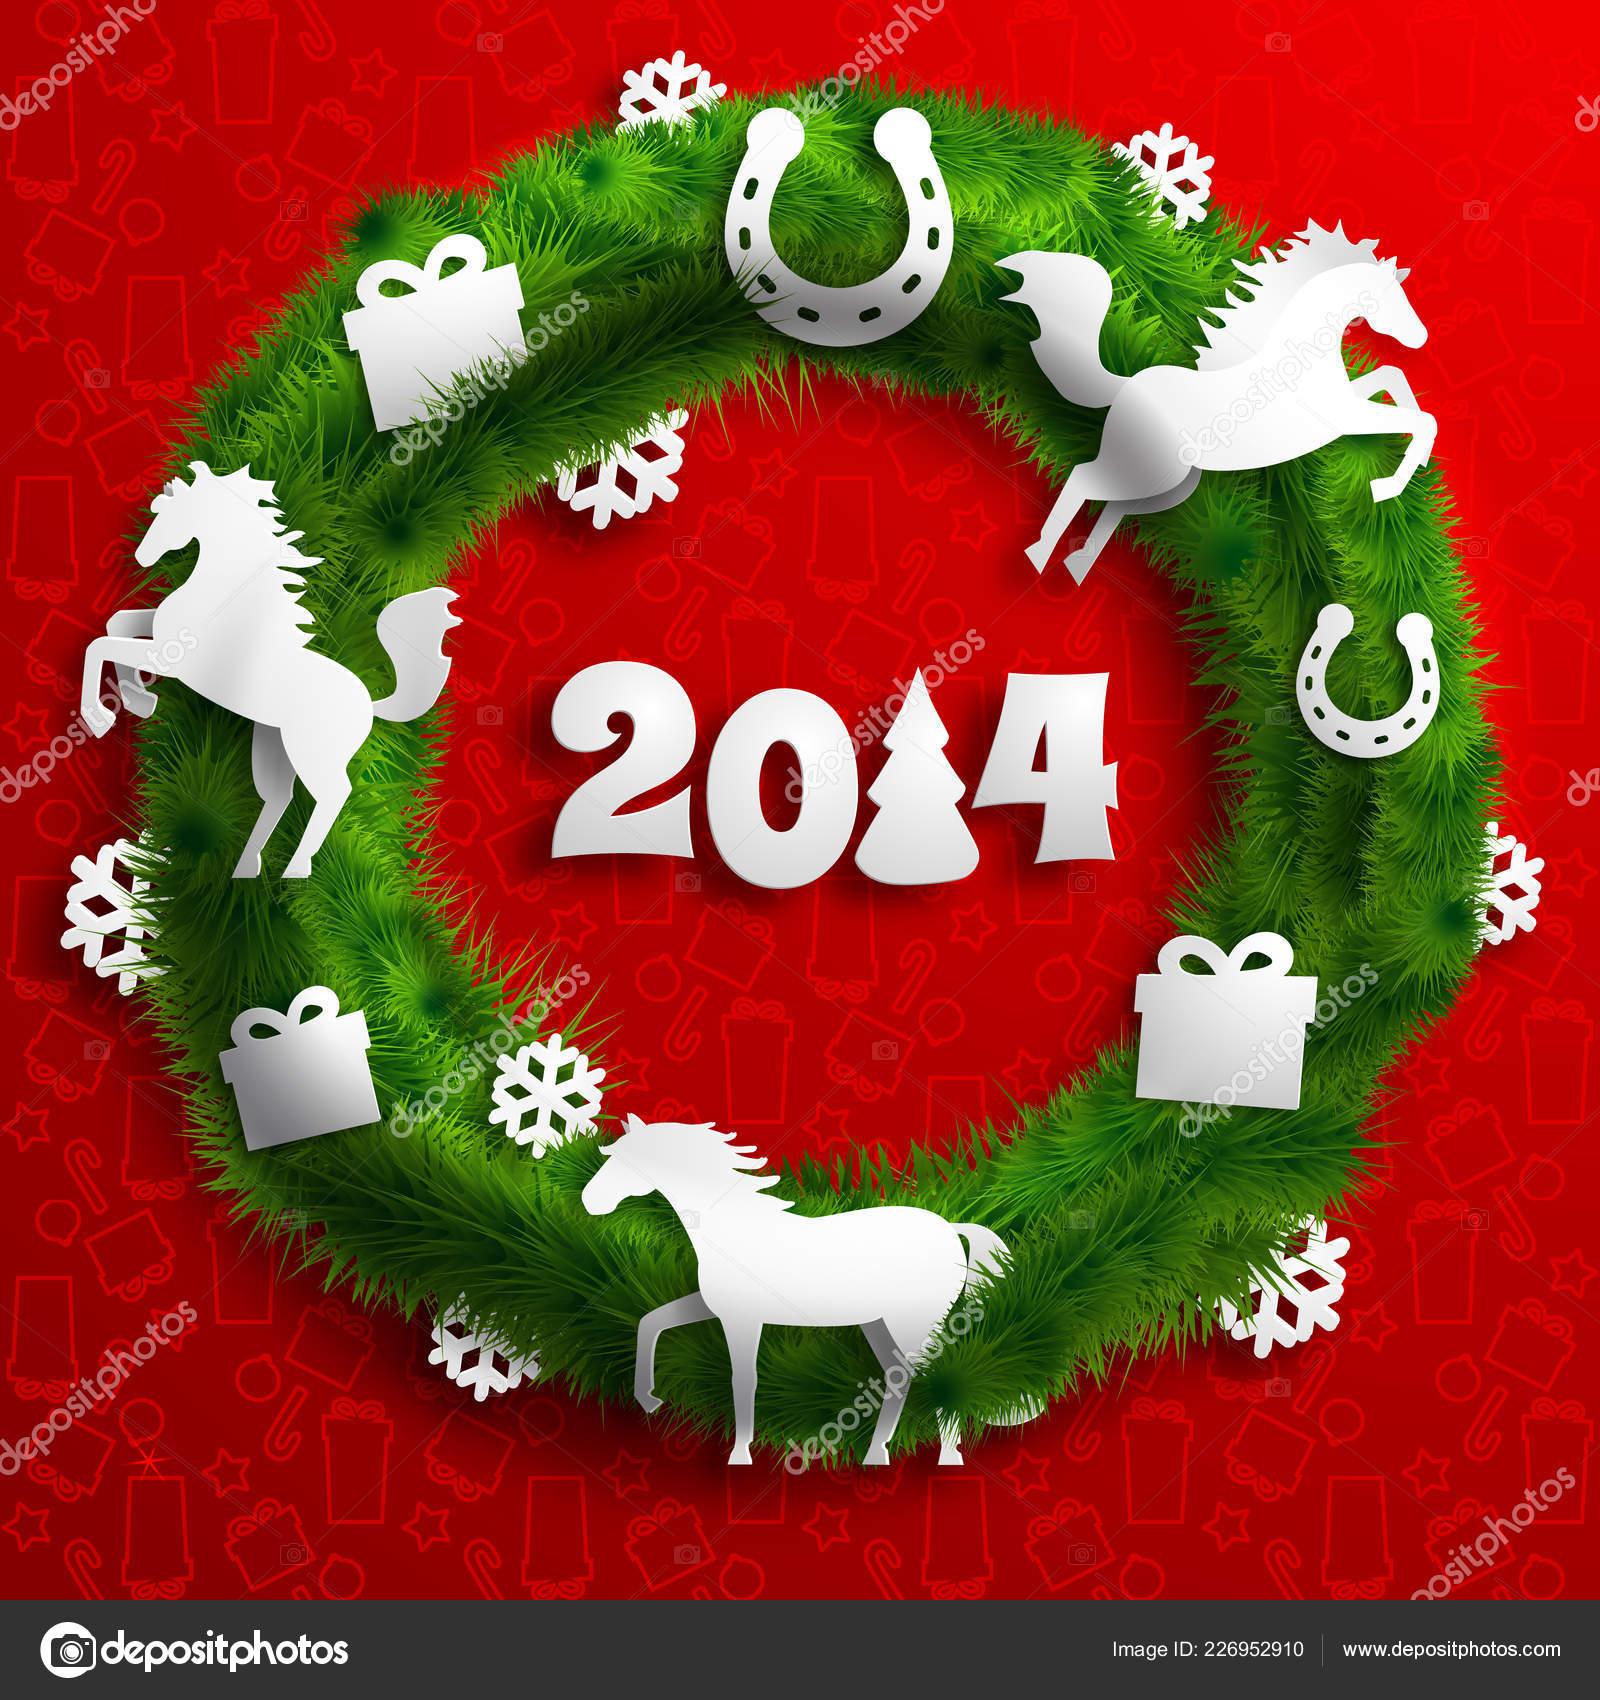 Immagini Di Natale Con Cavalli.Buon Modello Natale Con Cavalli Carta Corona Verde Presenta